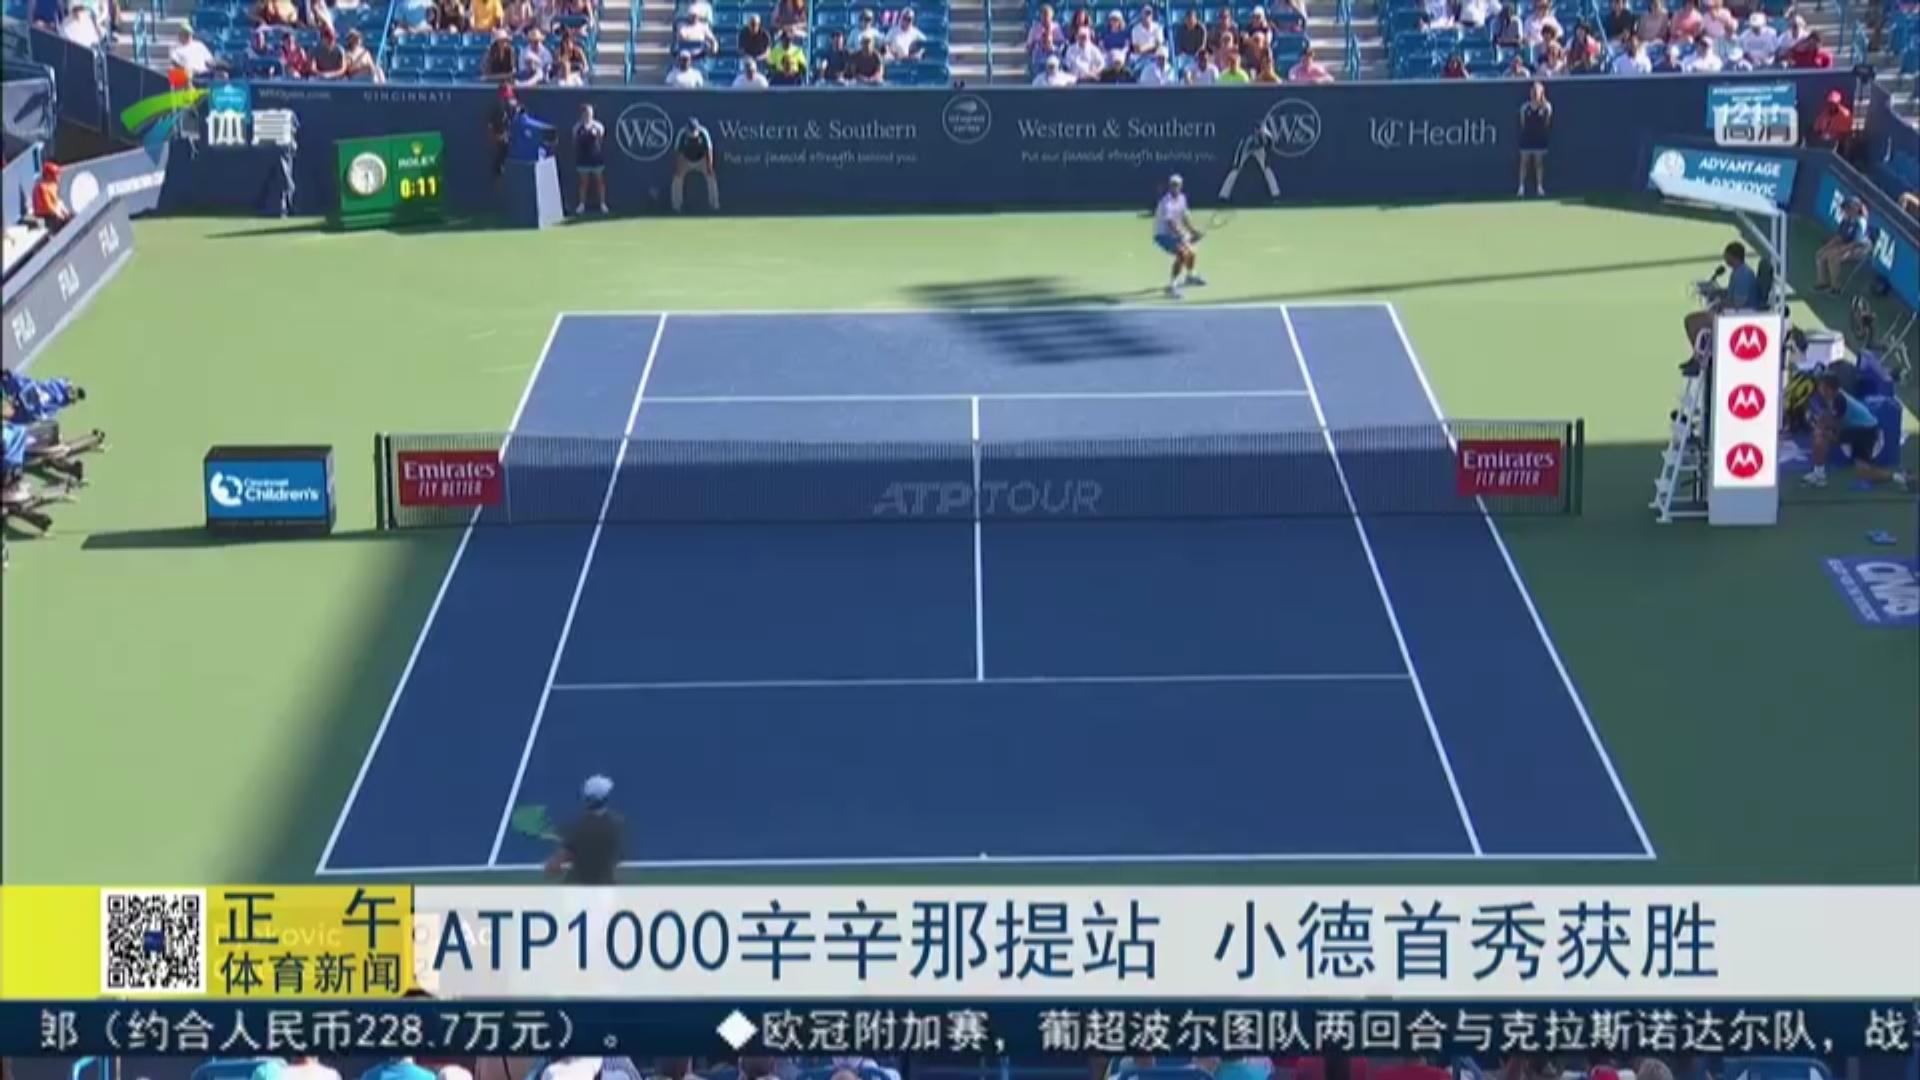 ATP1000辛辛那提站 小德首秀获胜